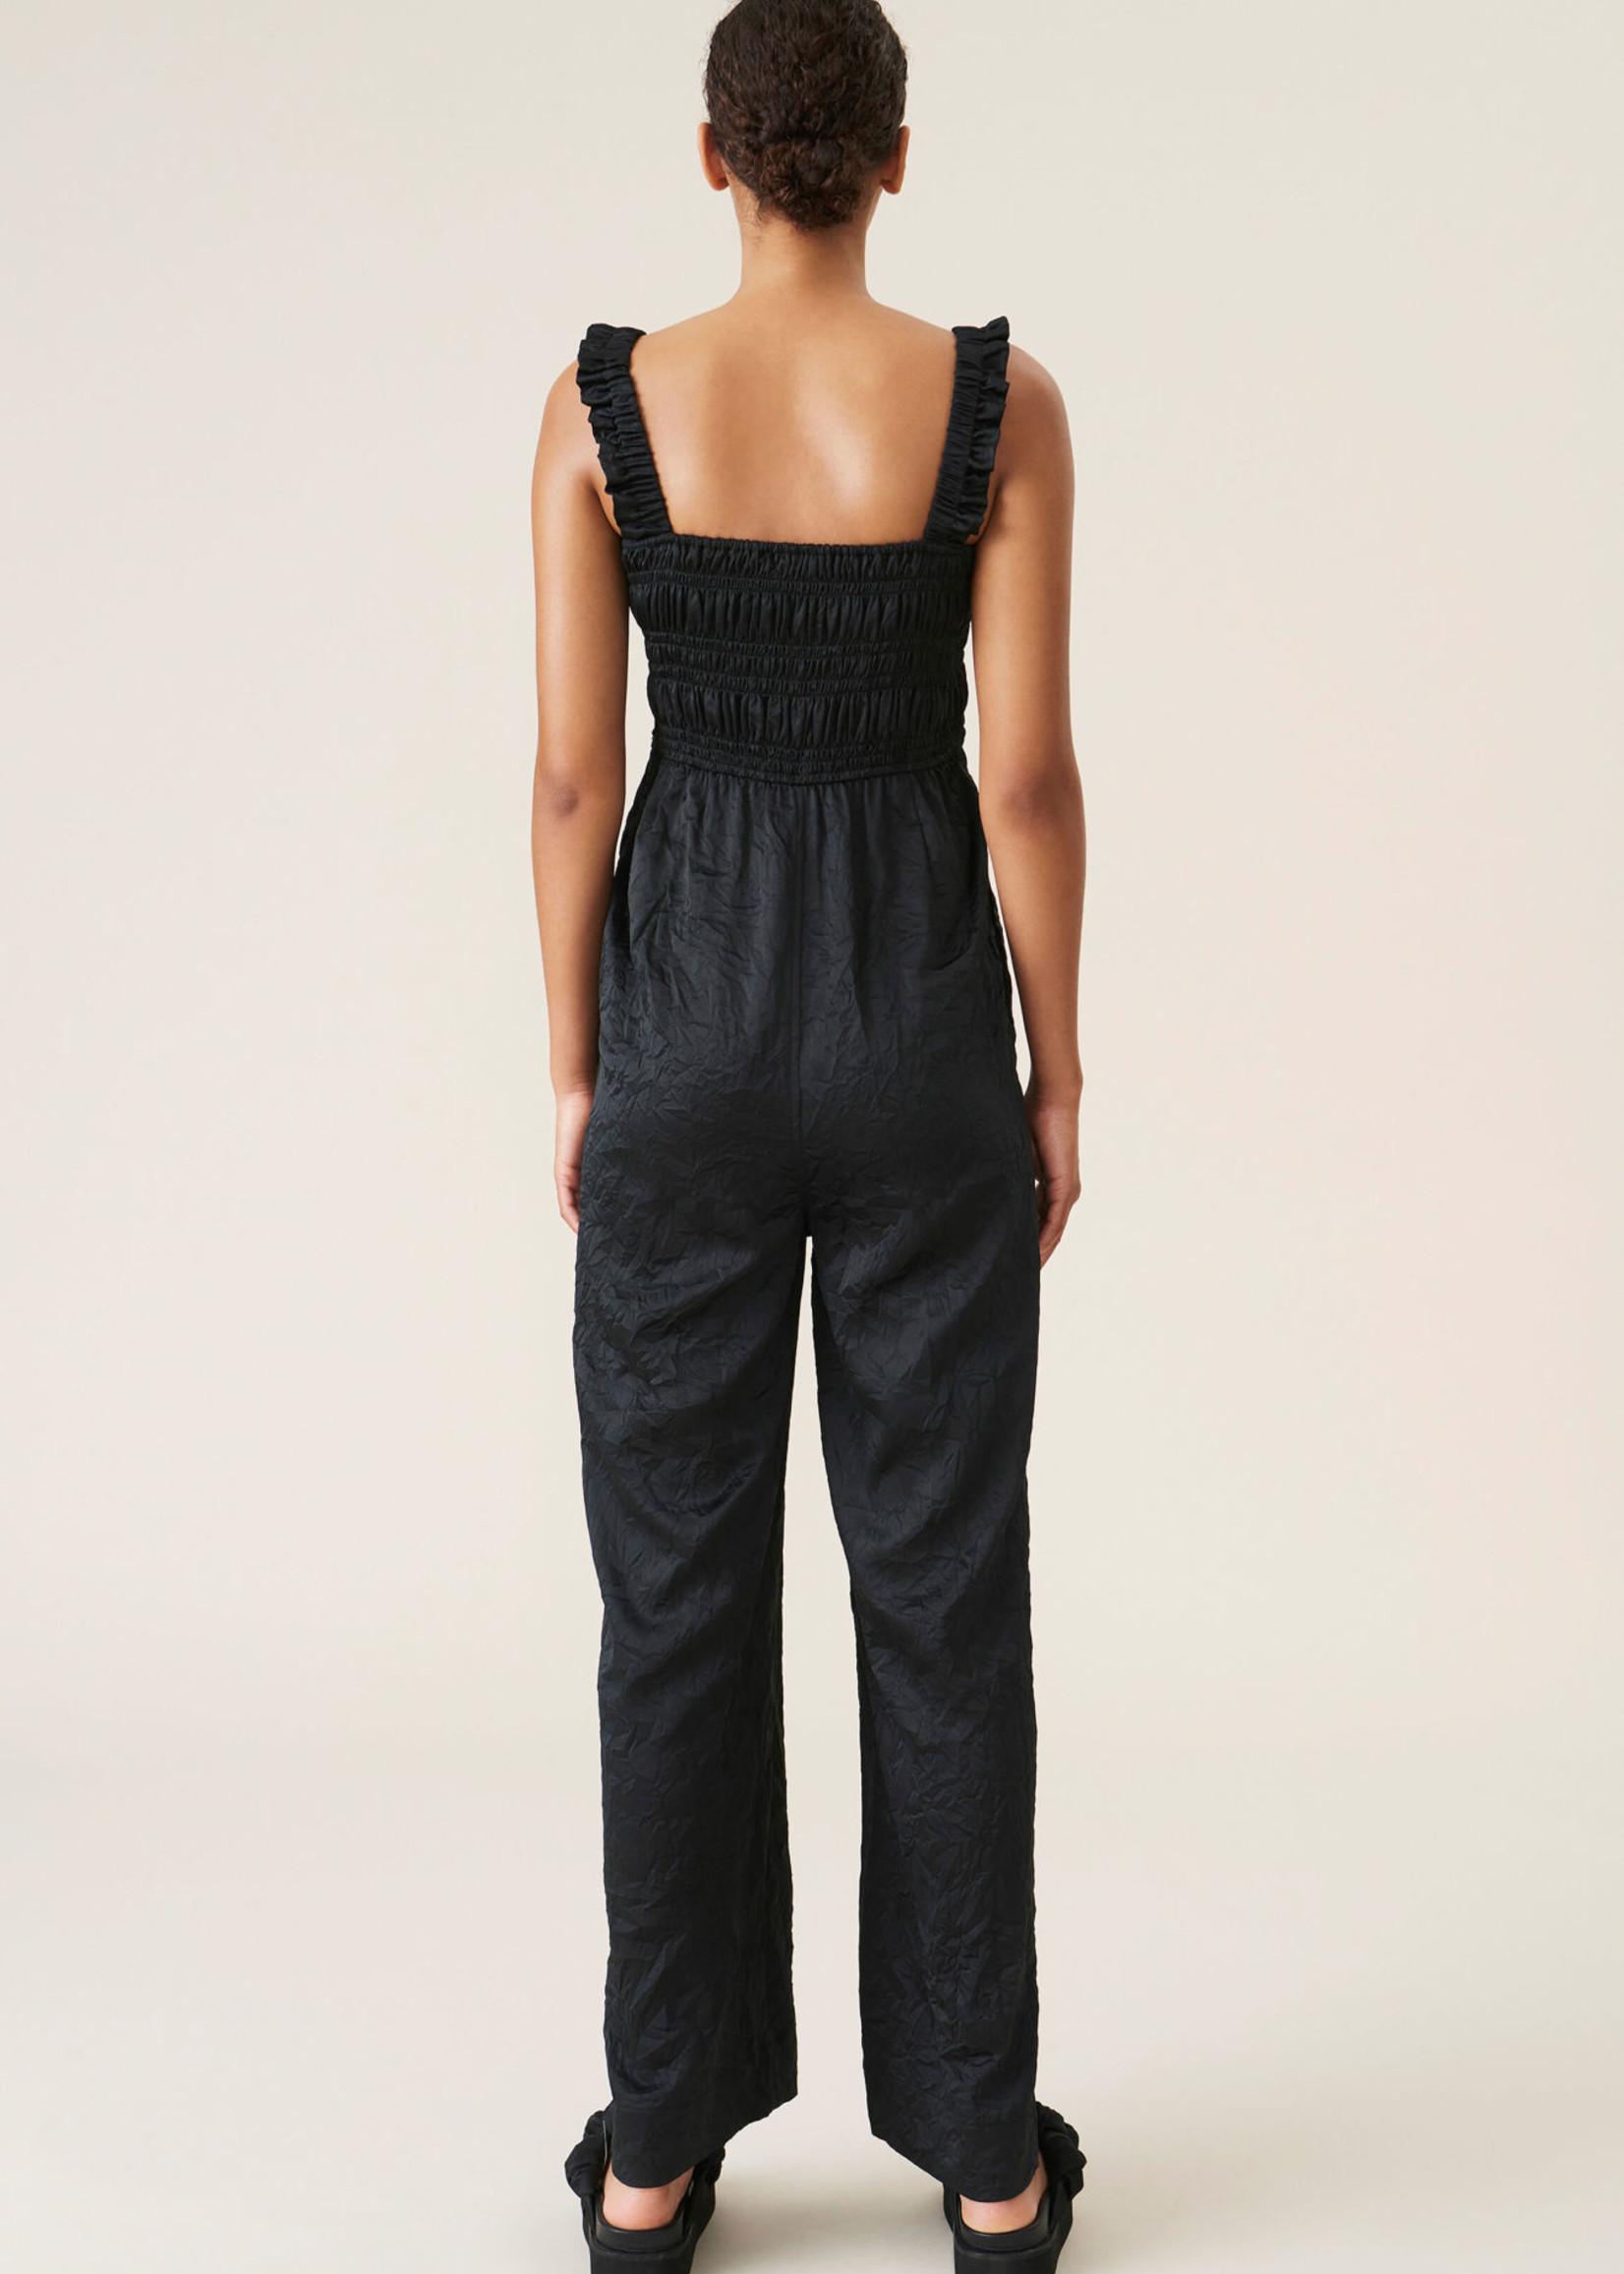 GANNI Crinkled Satin Jumpsuit in Black